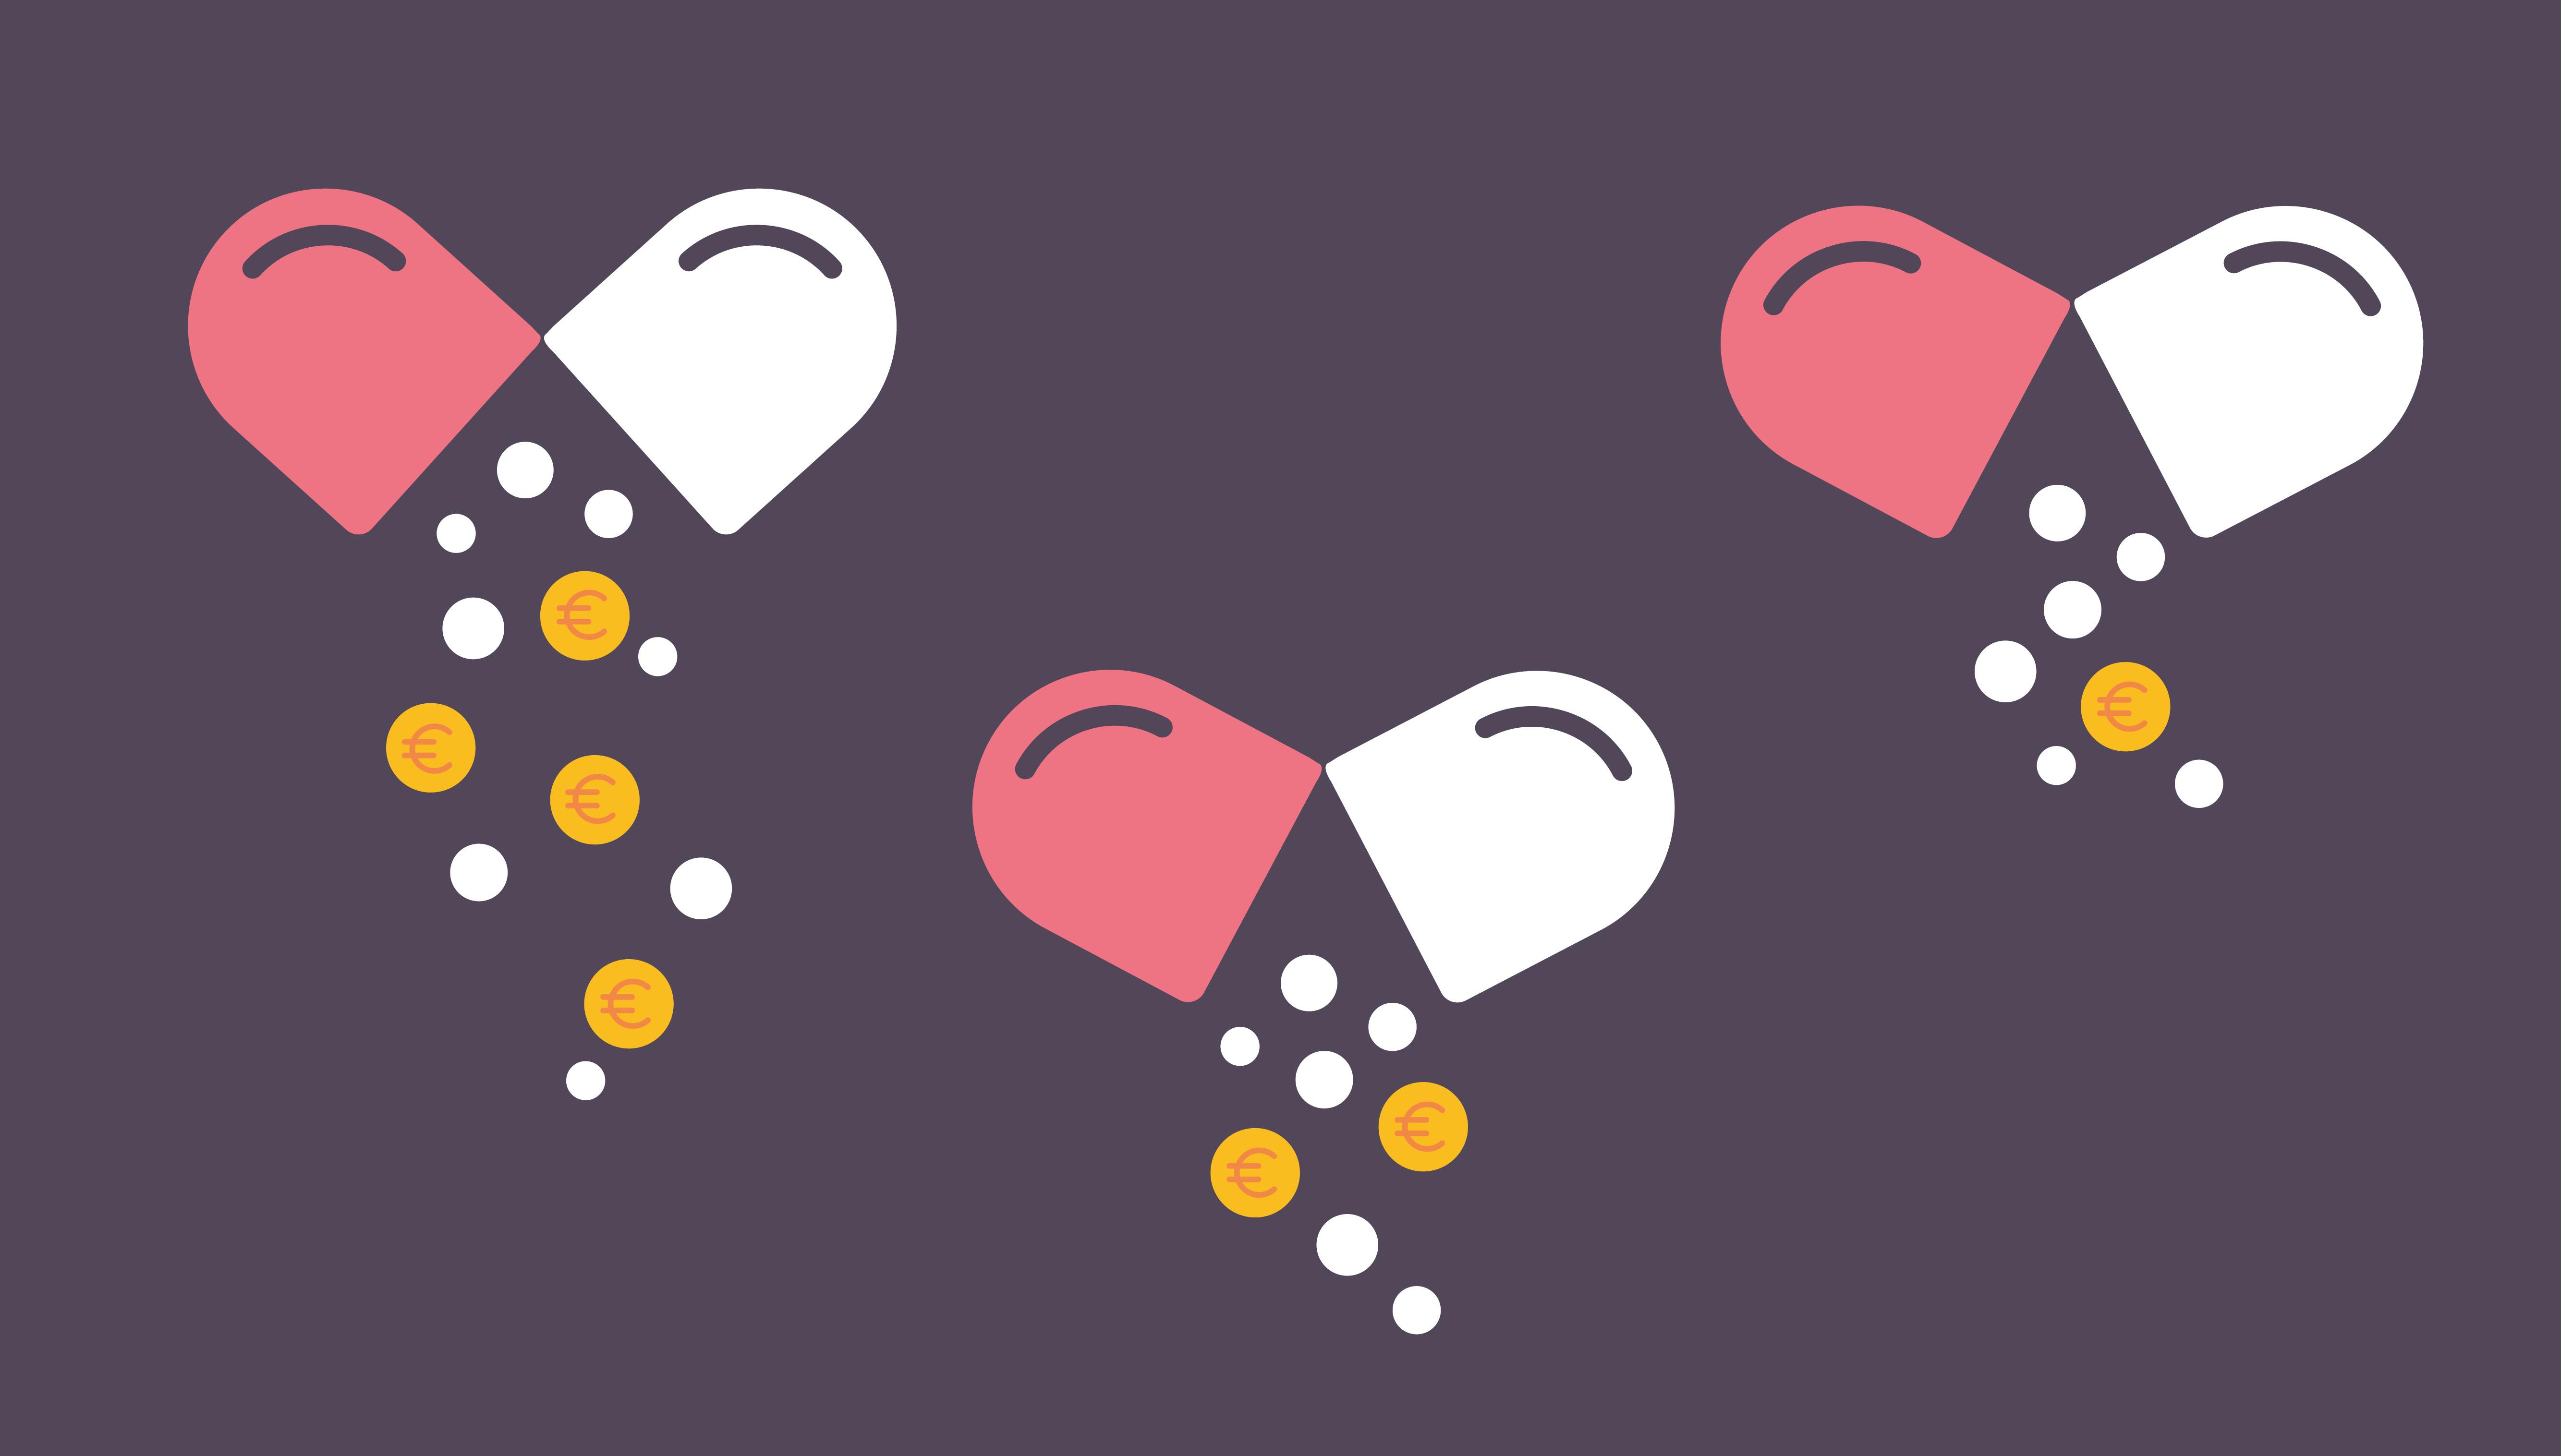 Kela maksoi lääkekorvauksia vuonna 2018 yhteensä lähes 1,5 mrd. euroa.